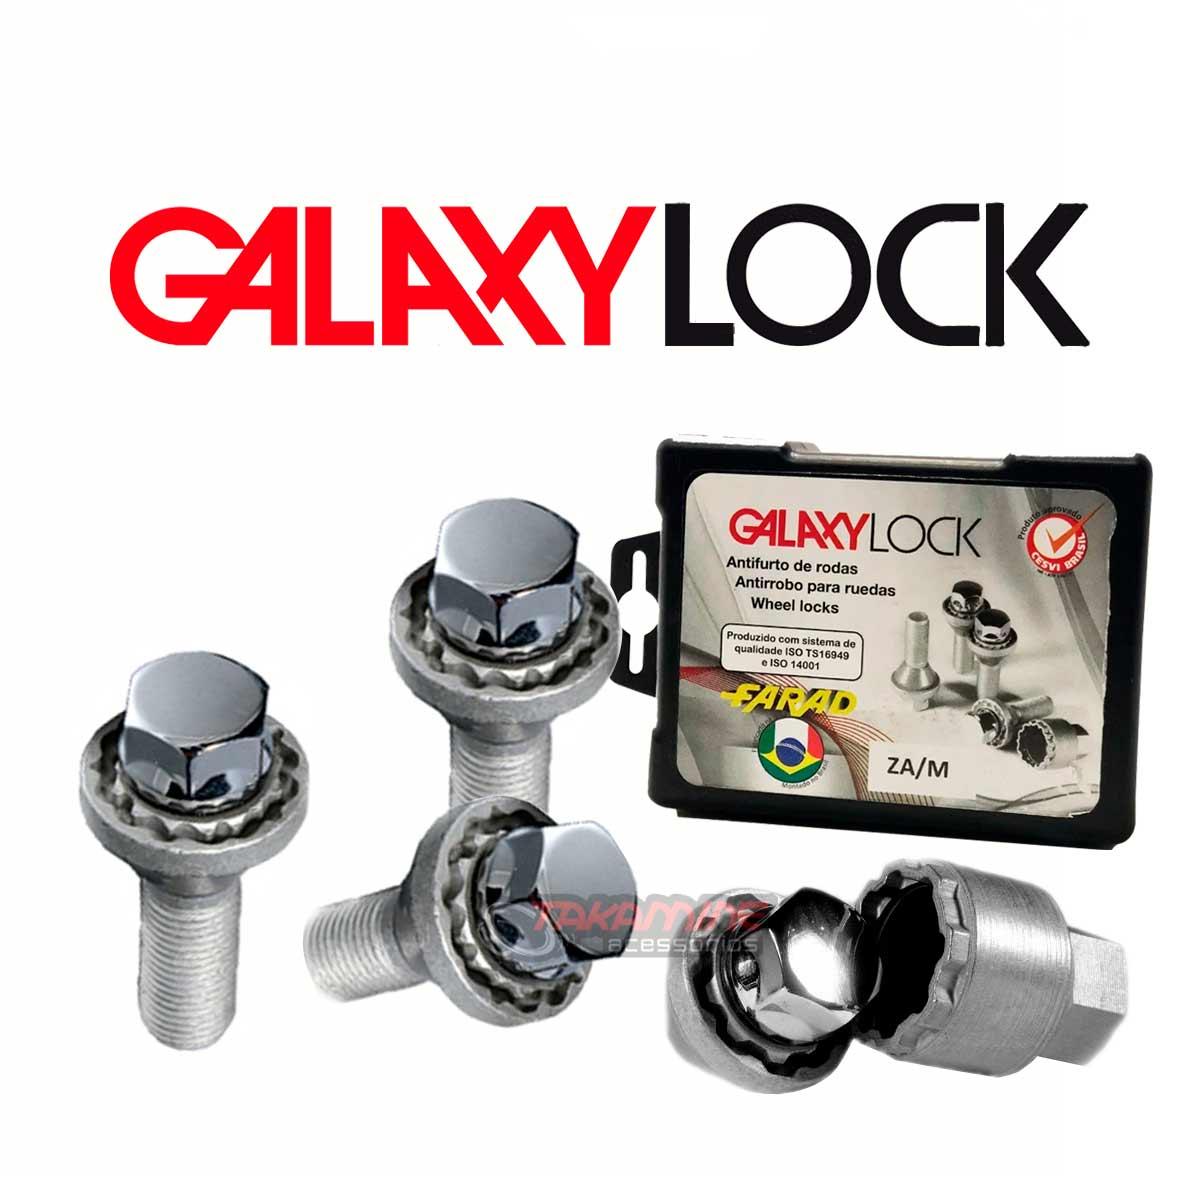 Parafuso antifurto para rodas Galaxy Lock C4 Pallas 2007 até 2013 BE8/M